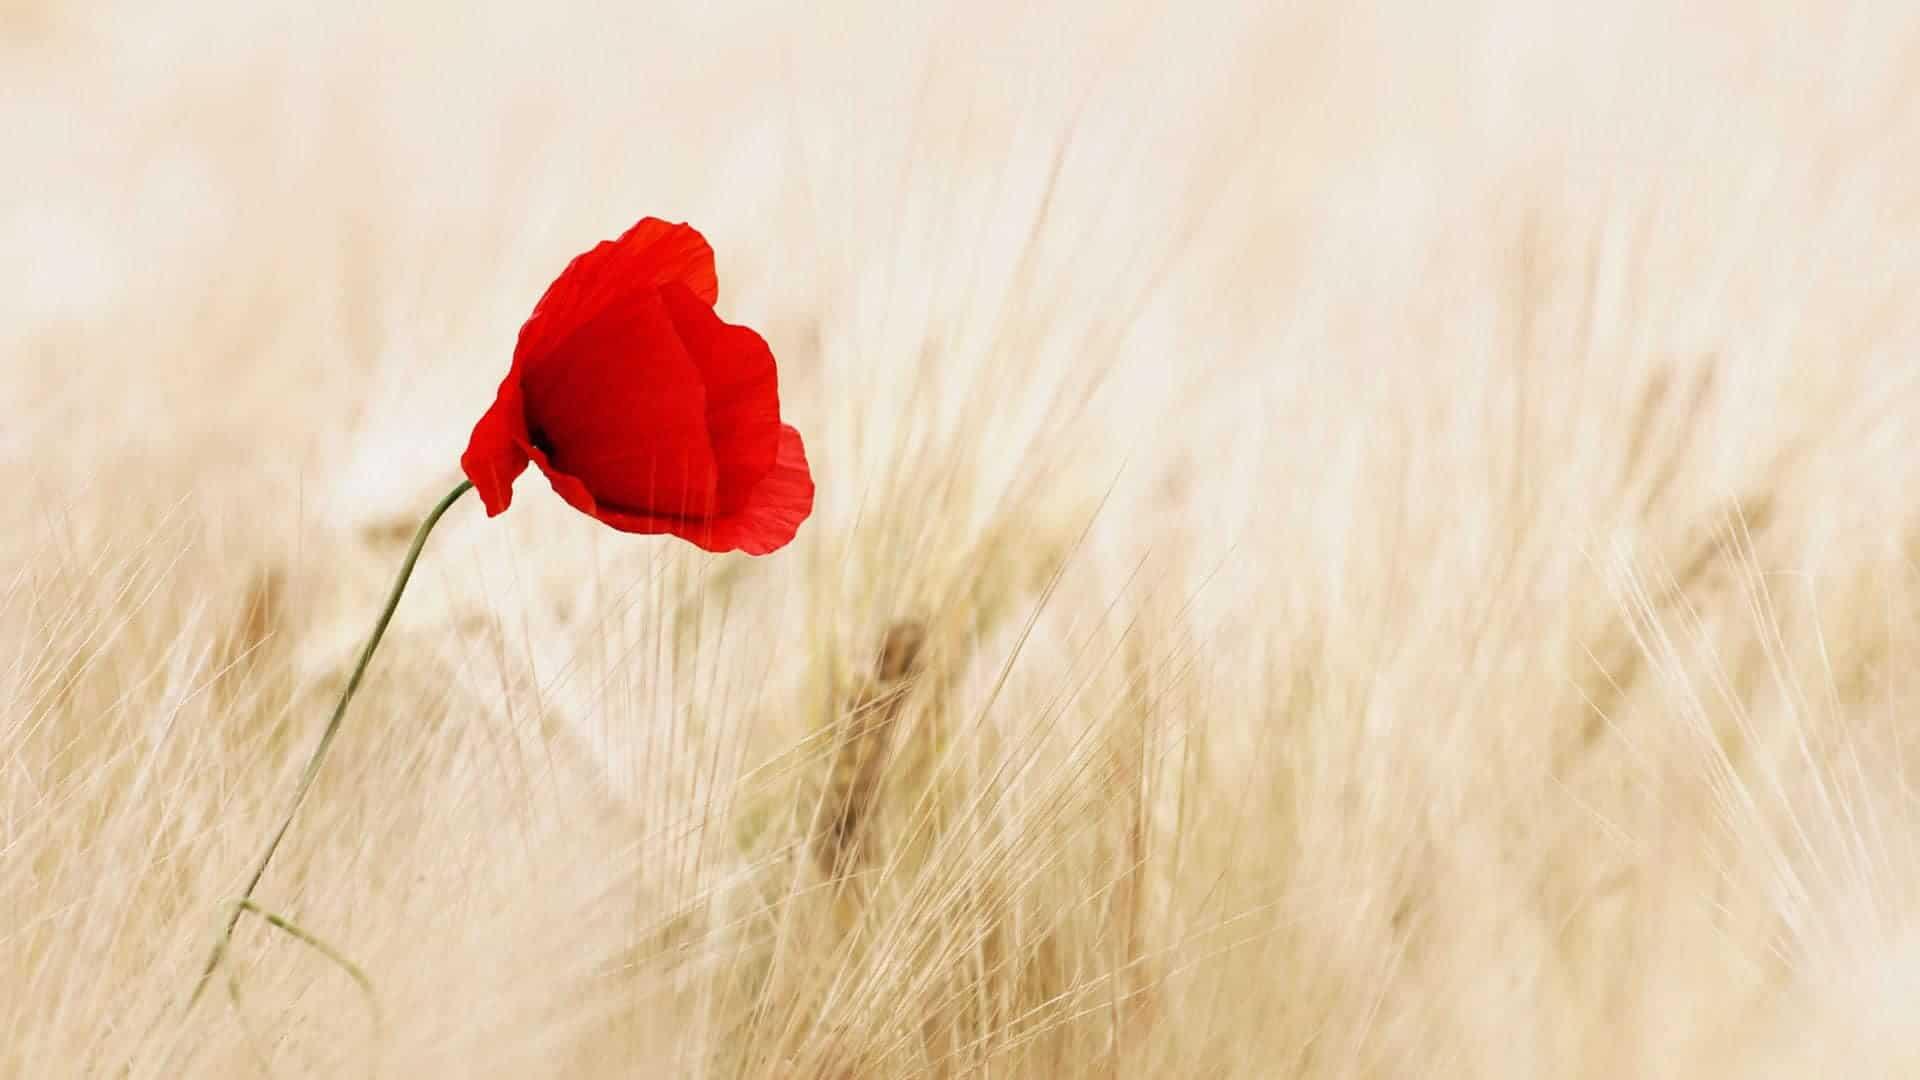 one red flower in a corn field